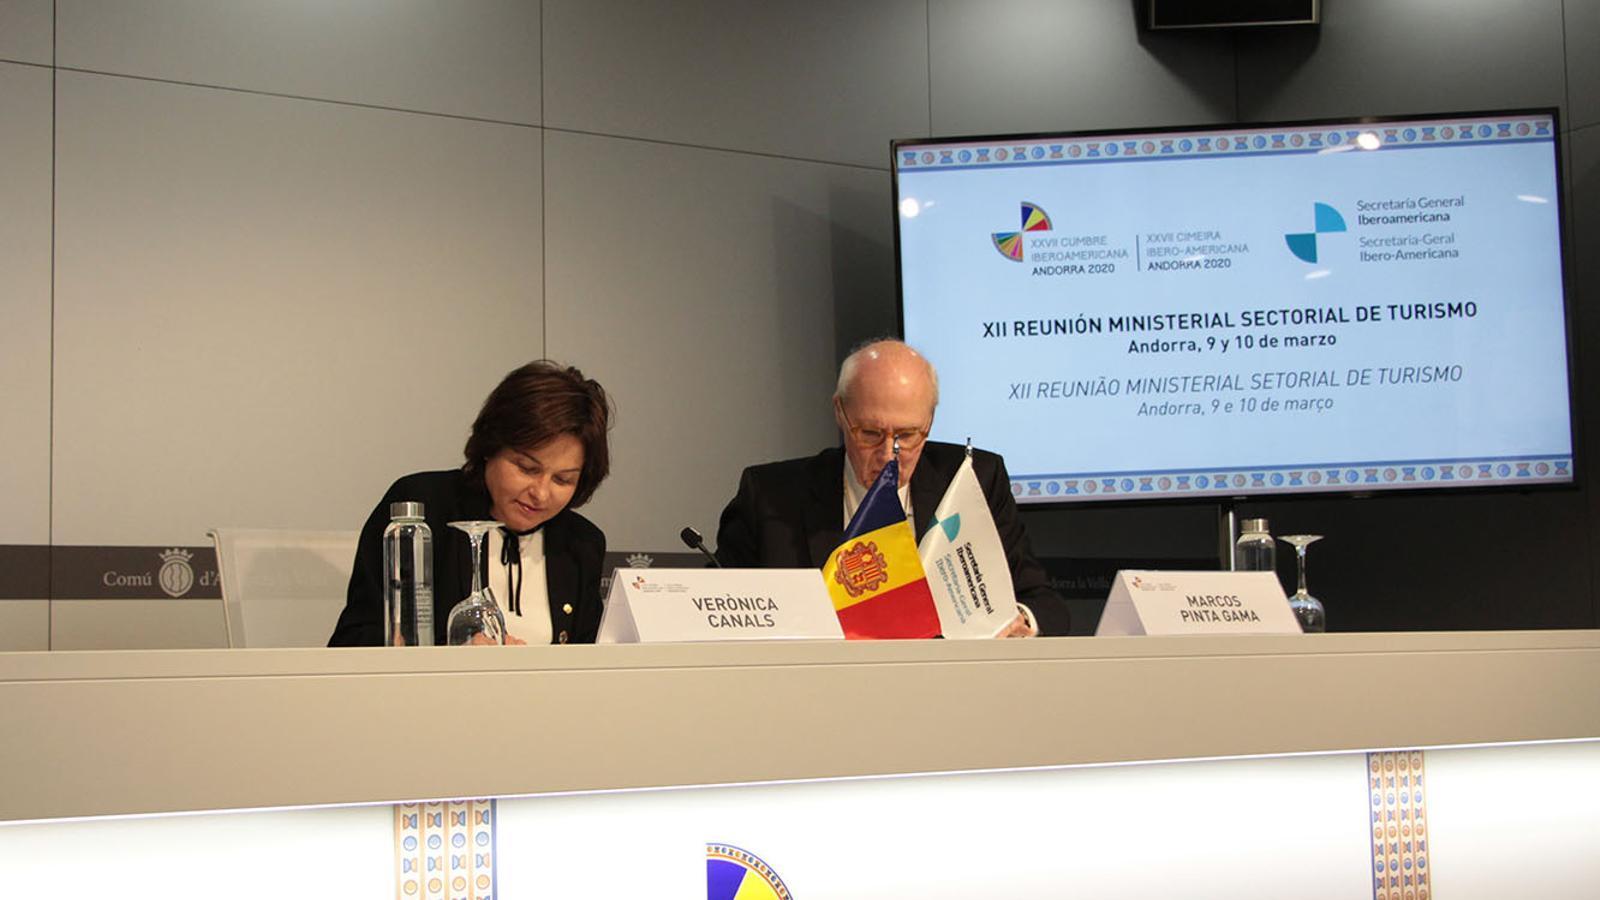 La ministra de Turisme, Verònica Canals, i el secretari adjunt iberoamericà, Marcos Pinta Gama, durant la roda de premsa de balanç de la reunió ministerial. / M. F. (ANA)